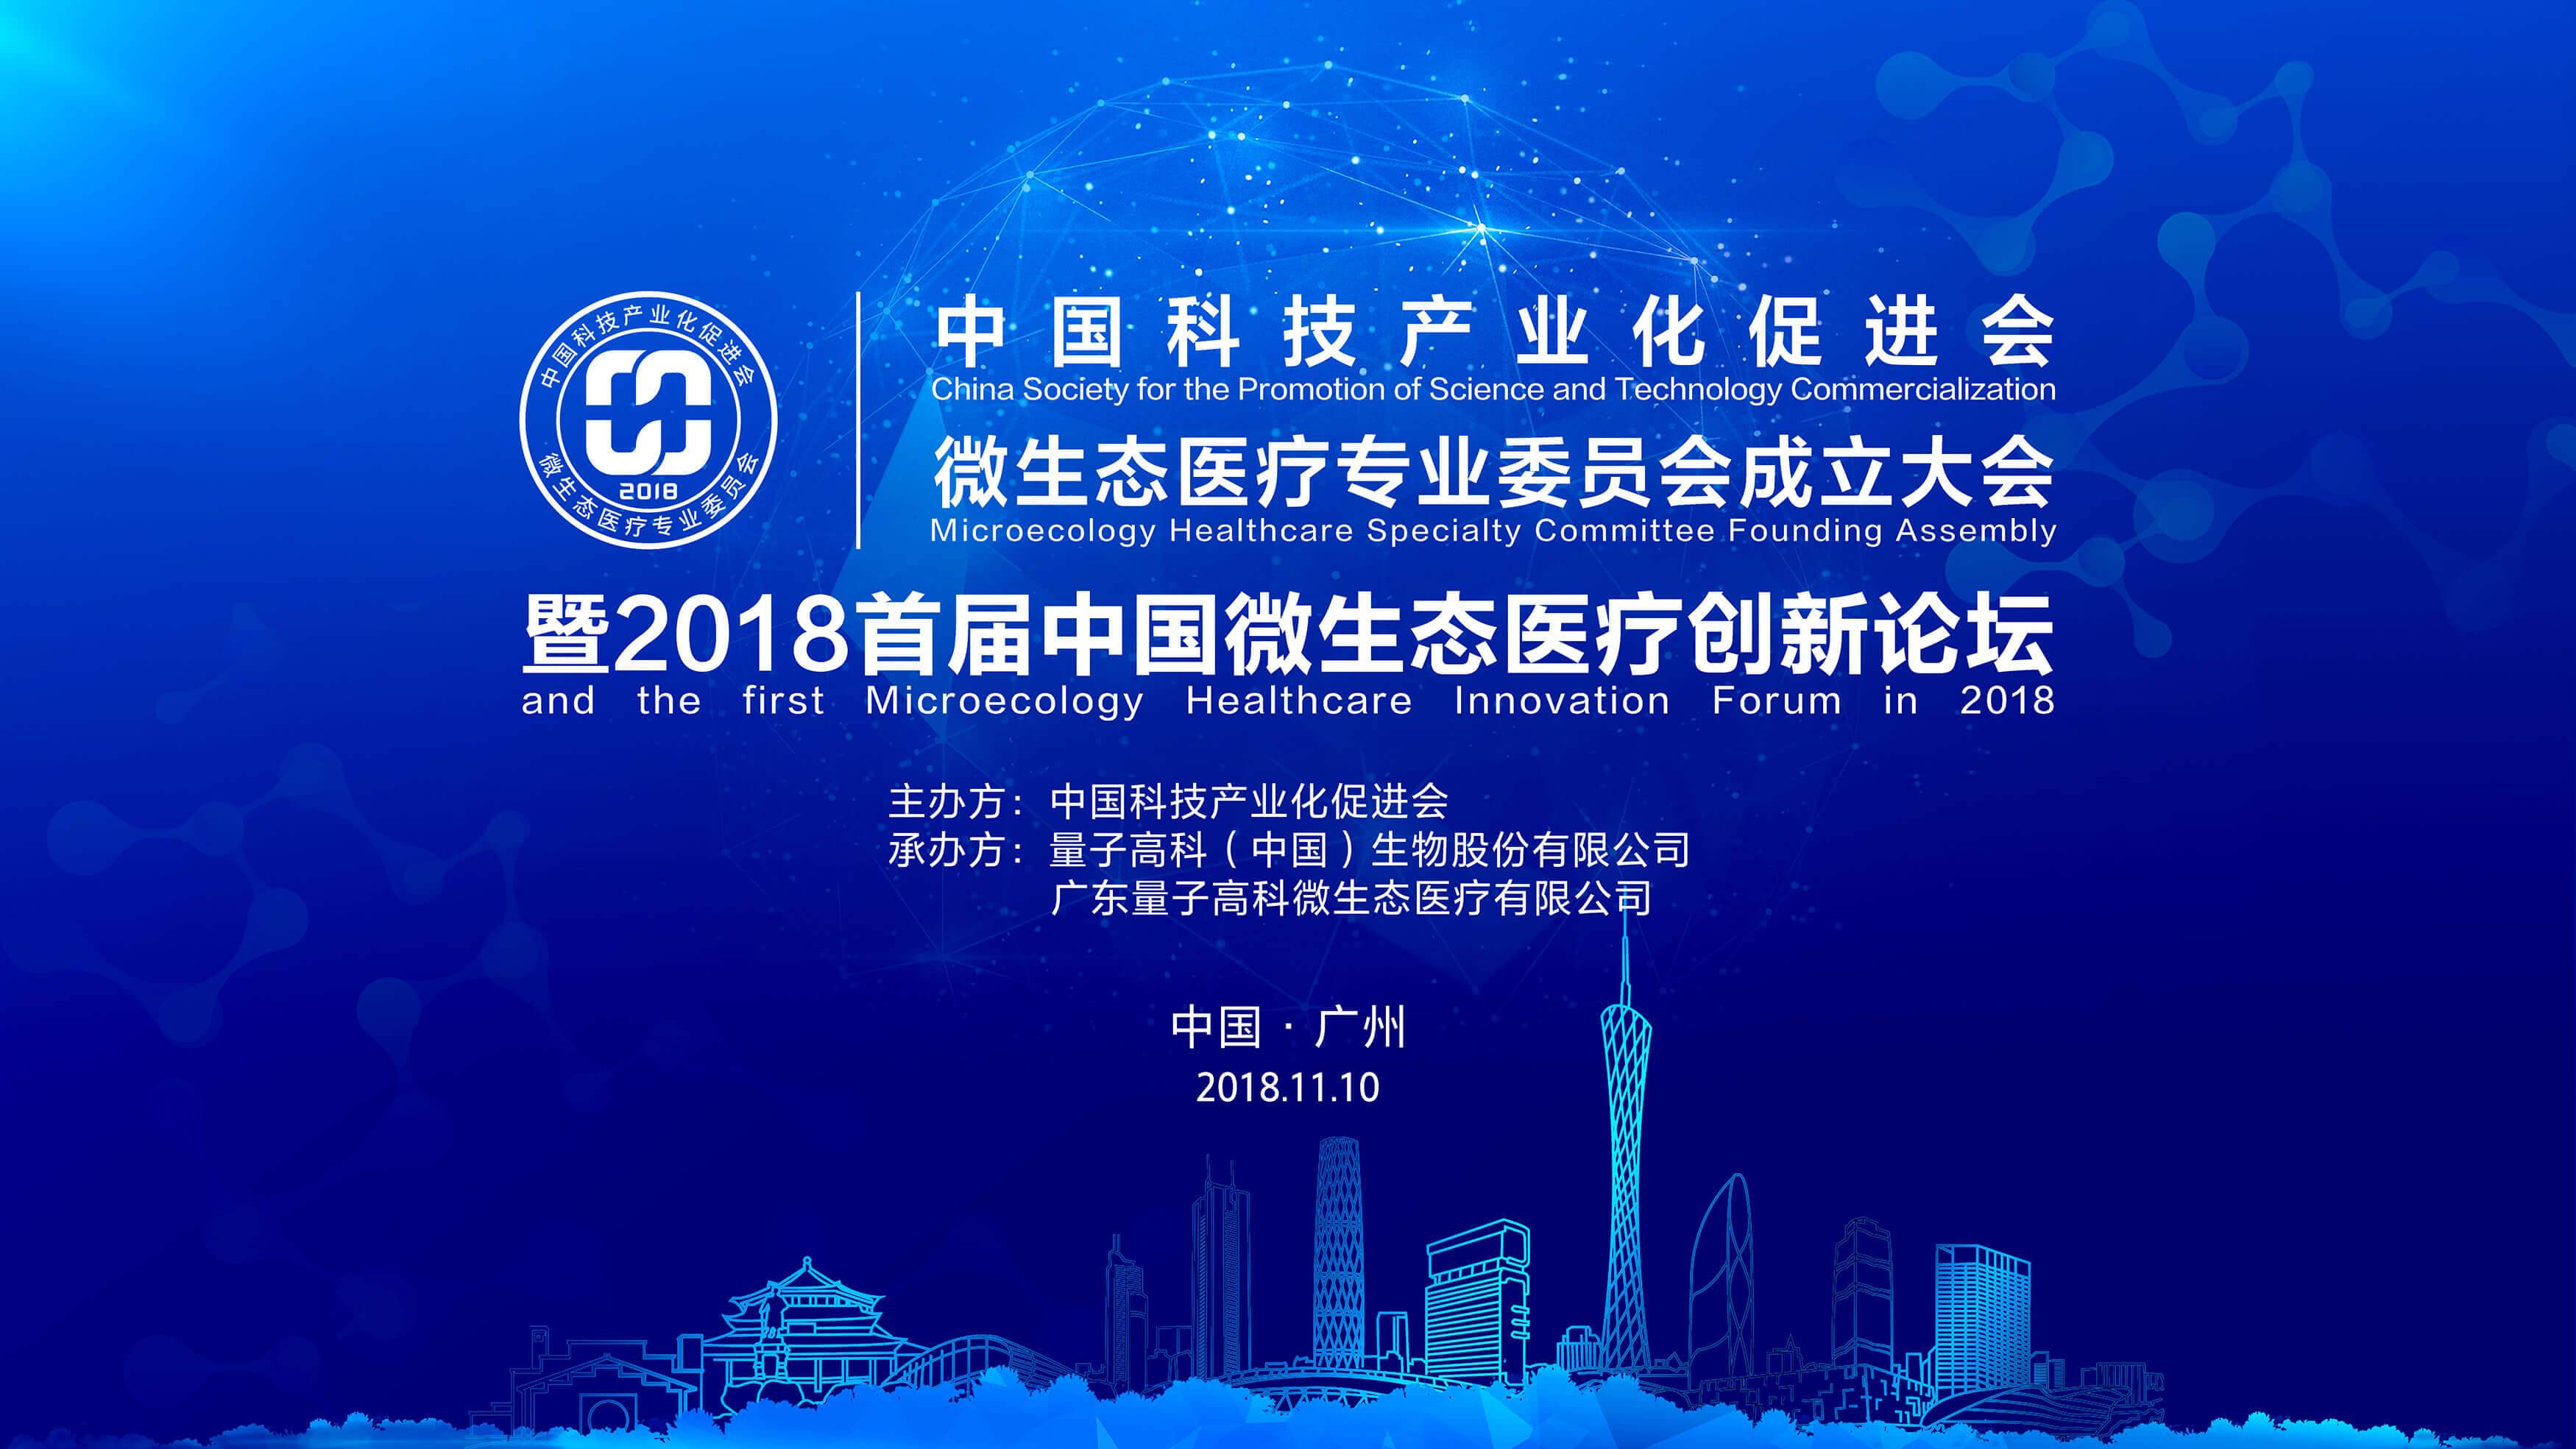 2018年首届中国微生态医疗创新论坛